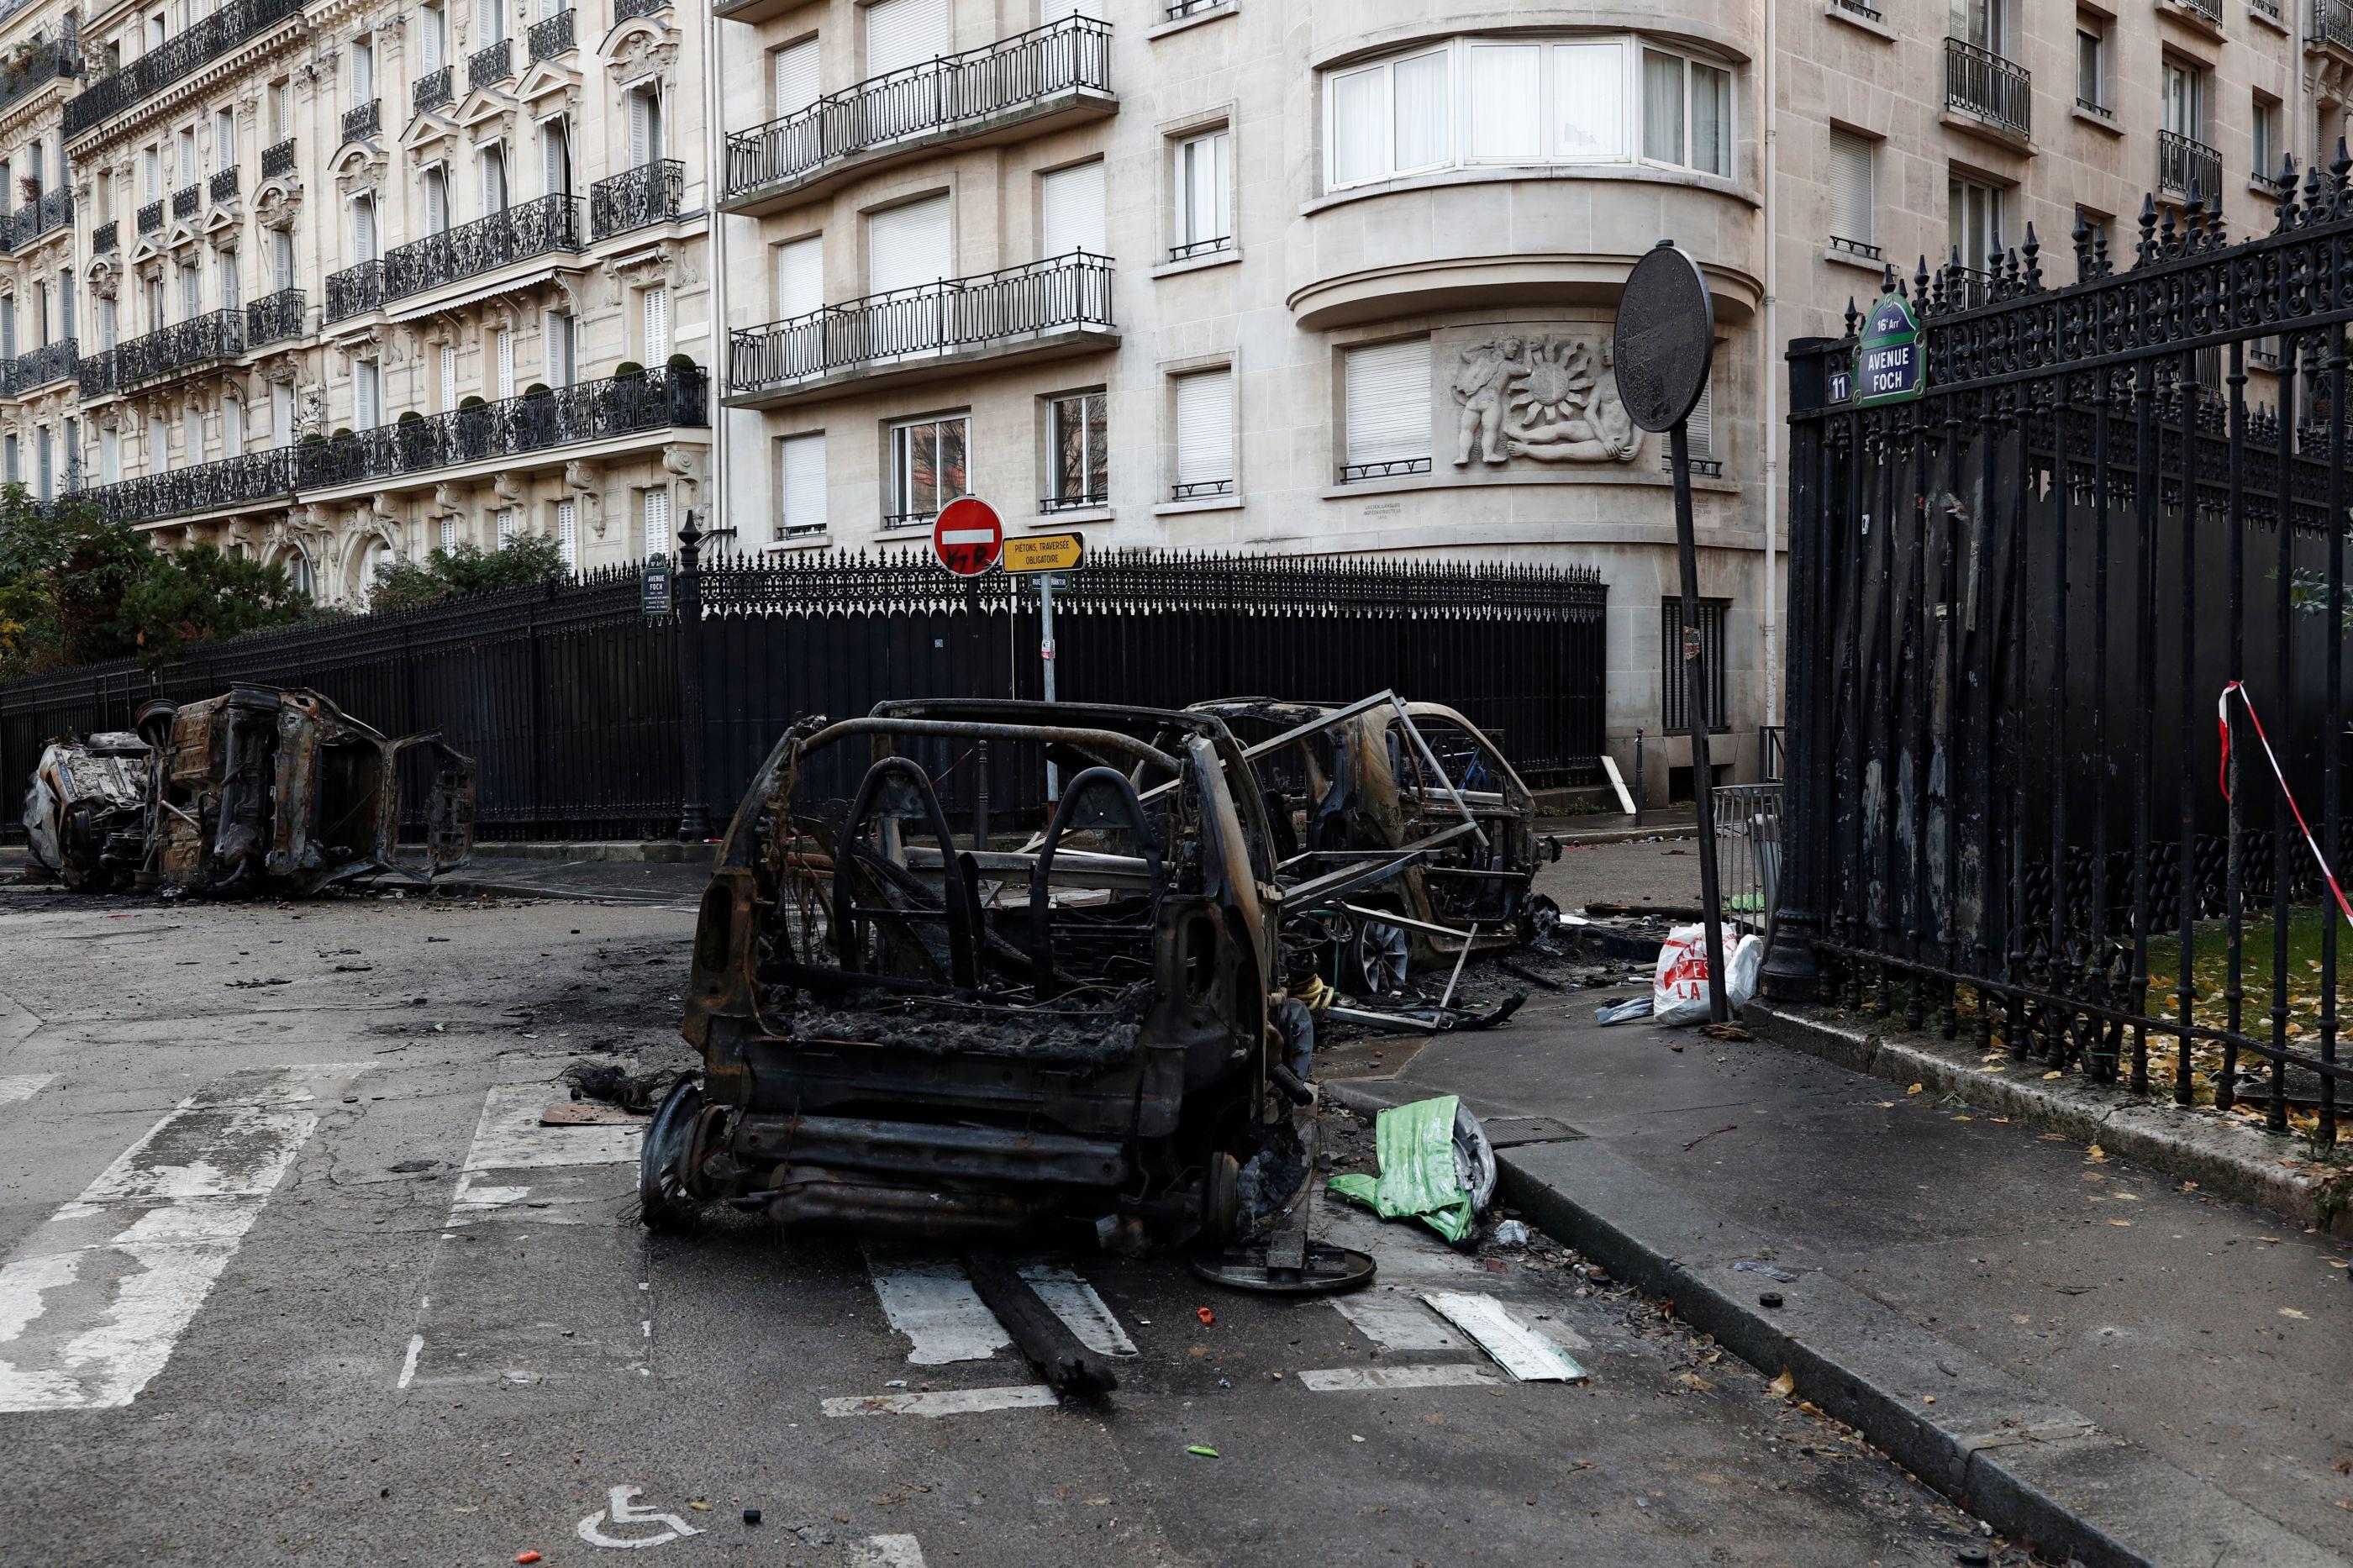 Protesto dos 'coletes amarelos' provocou um morto em acidente com camião